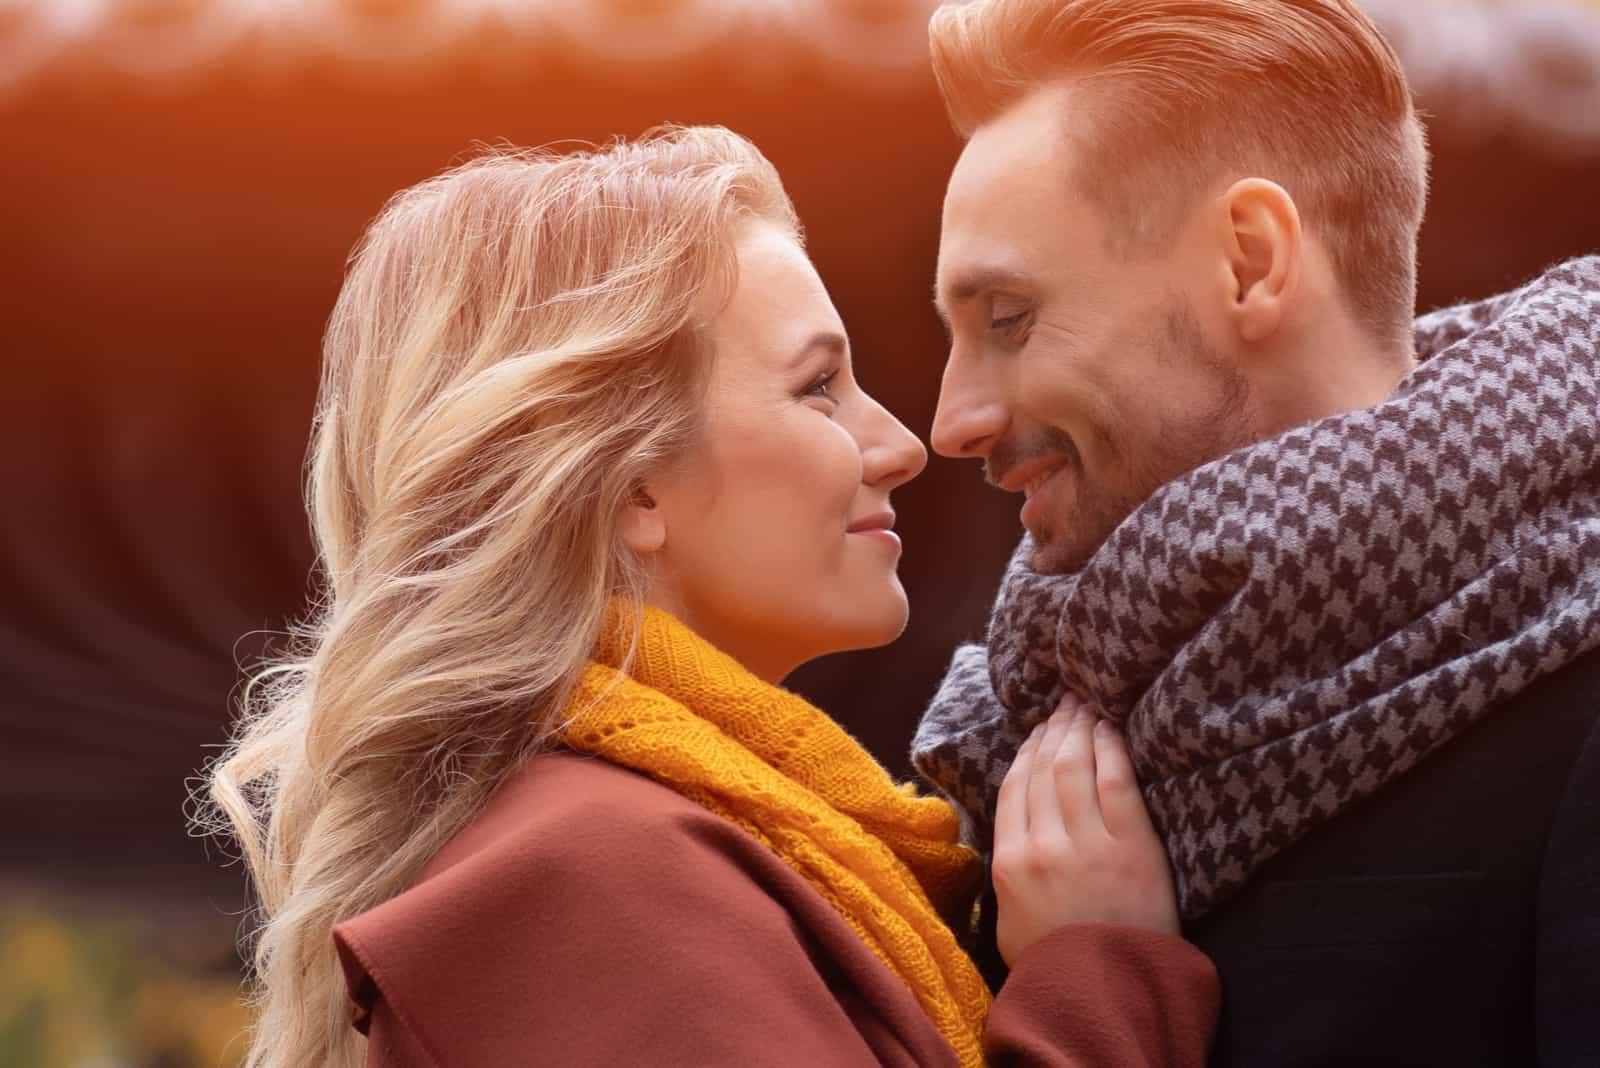 ein liebevolles Paar, das sich umarmt und ansieht